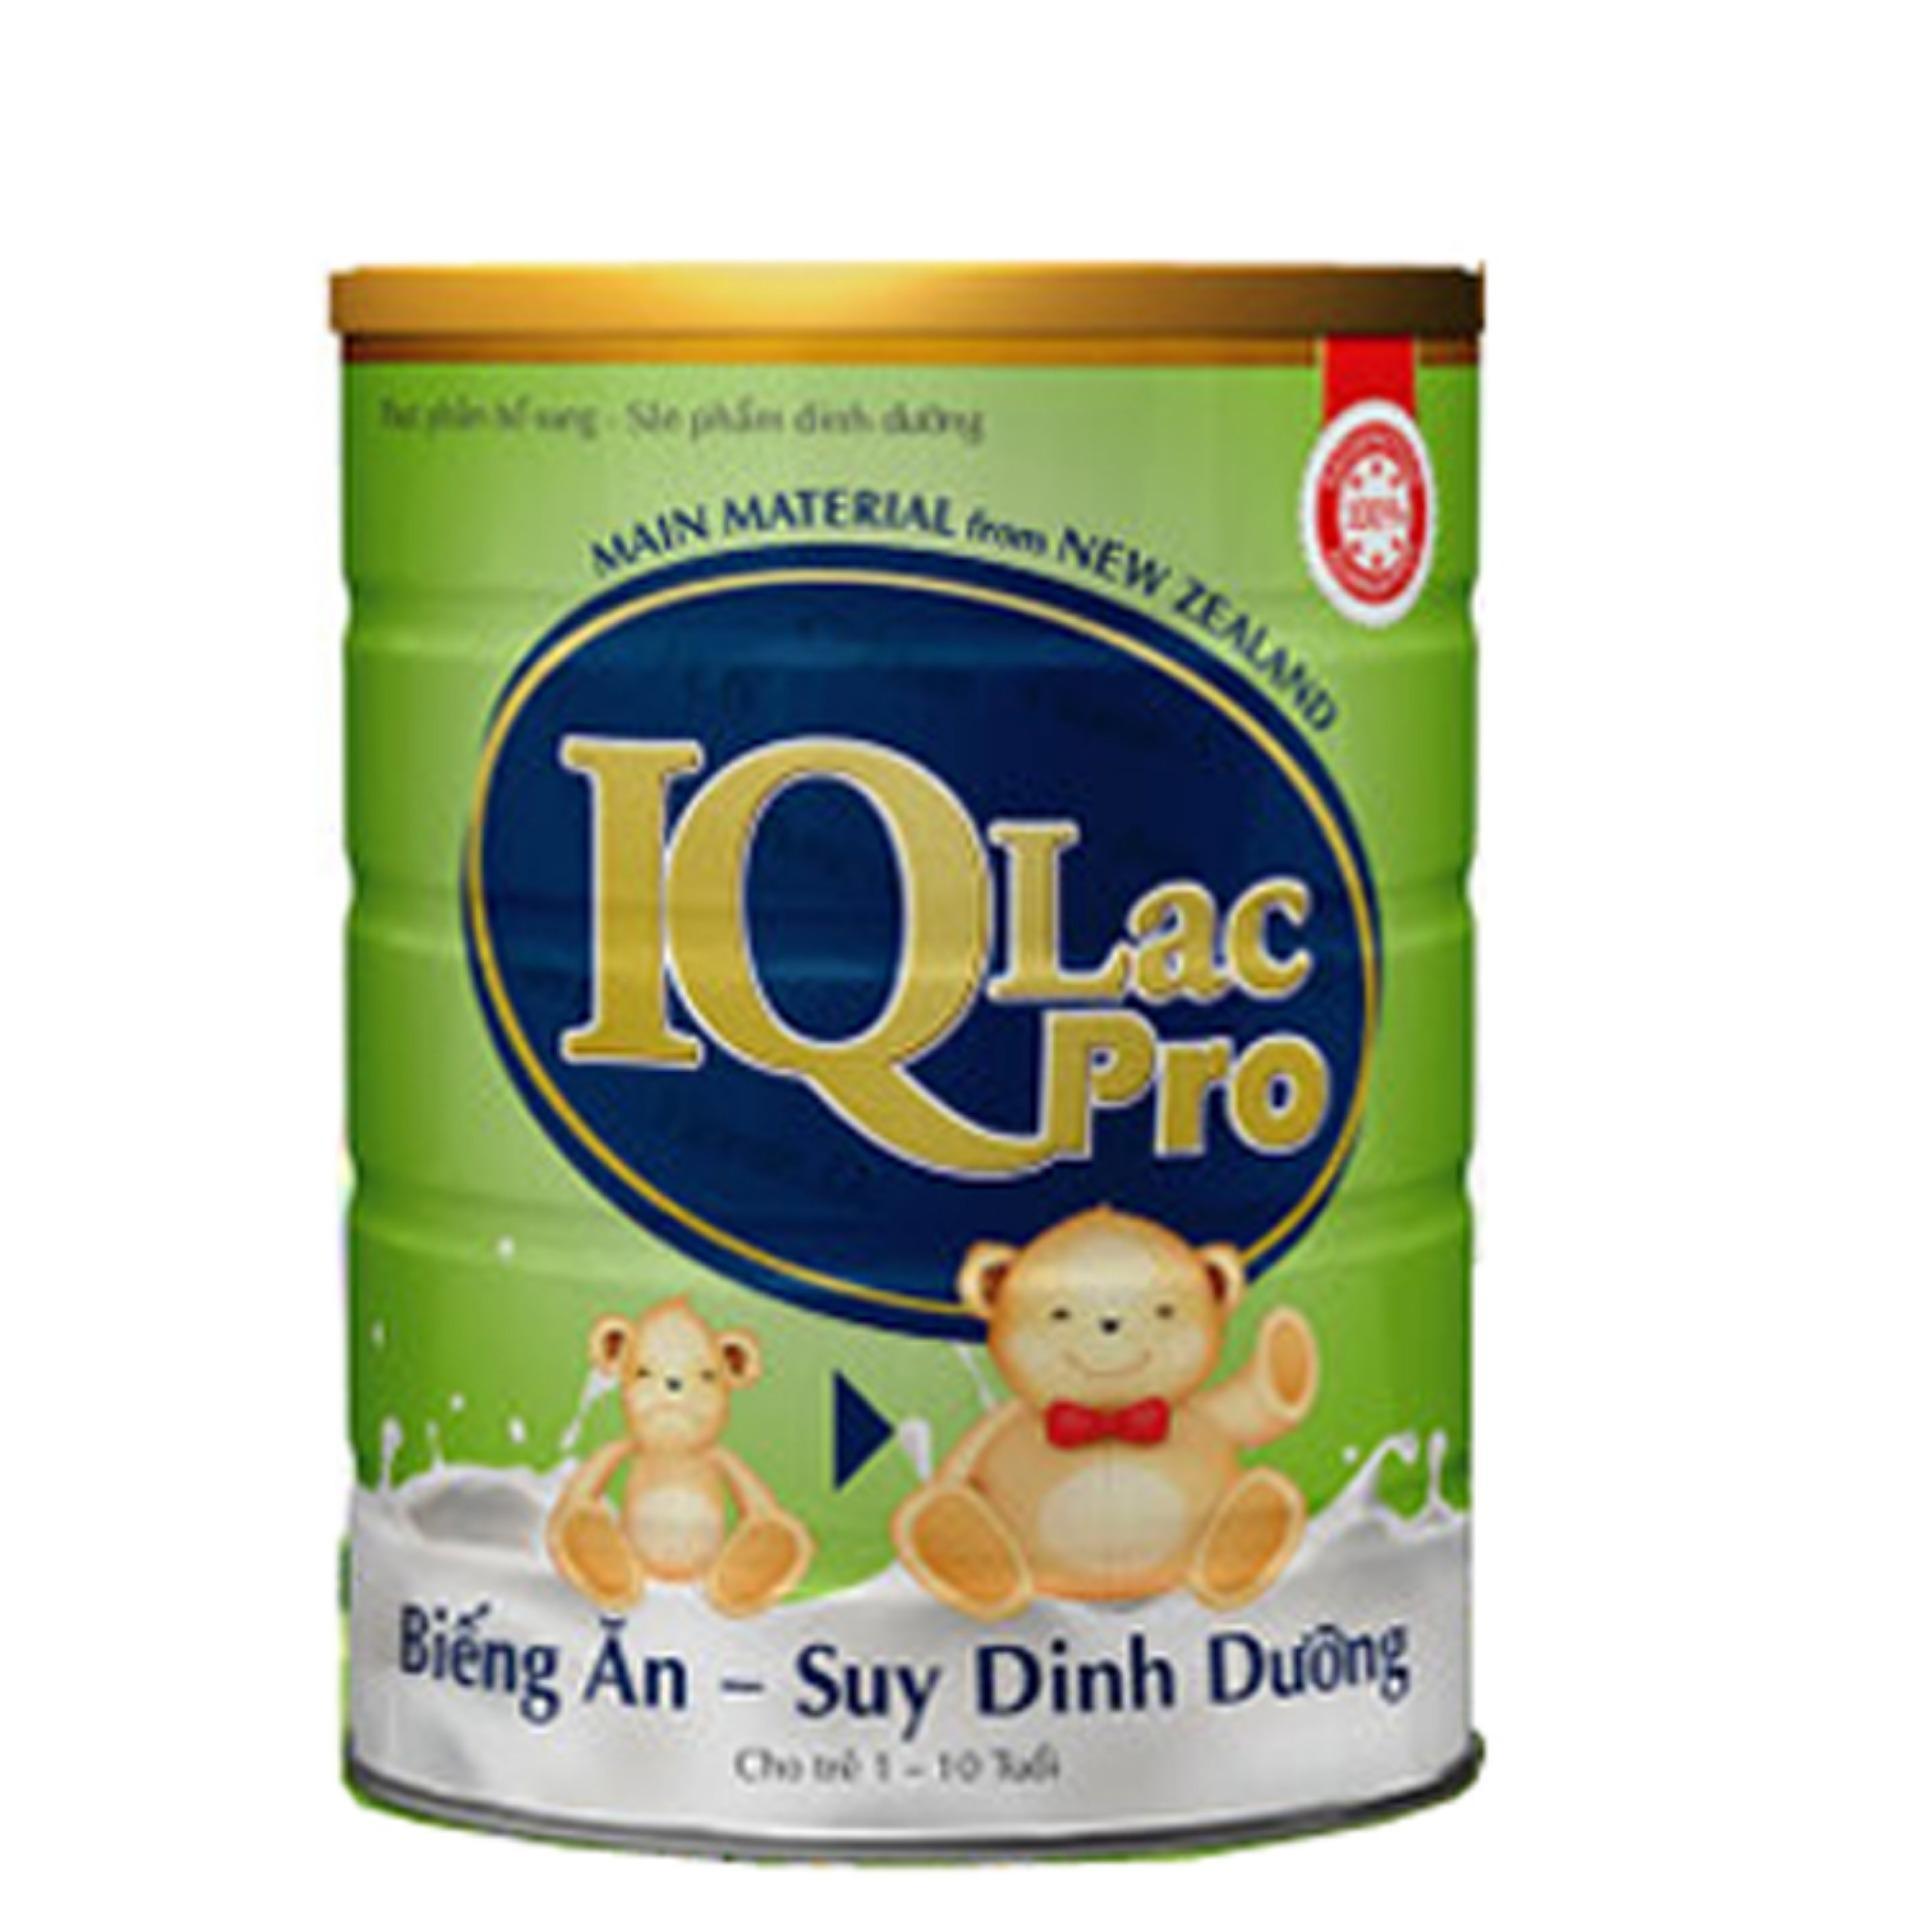 Sữa bột IQ LAC PRO Biếng ăn Suy Dinh Dưỡng 900g